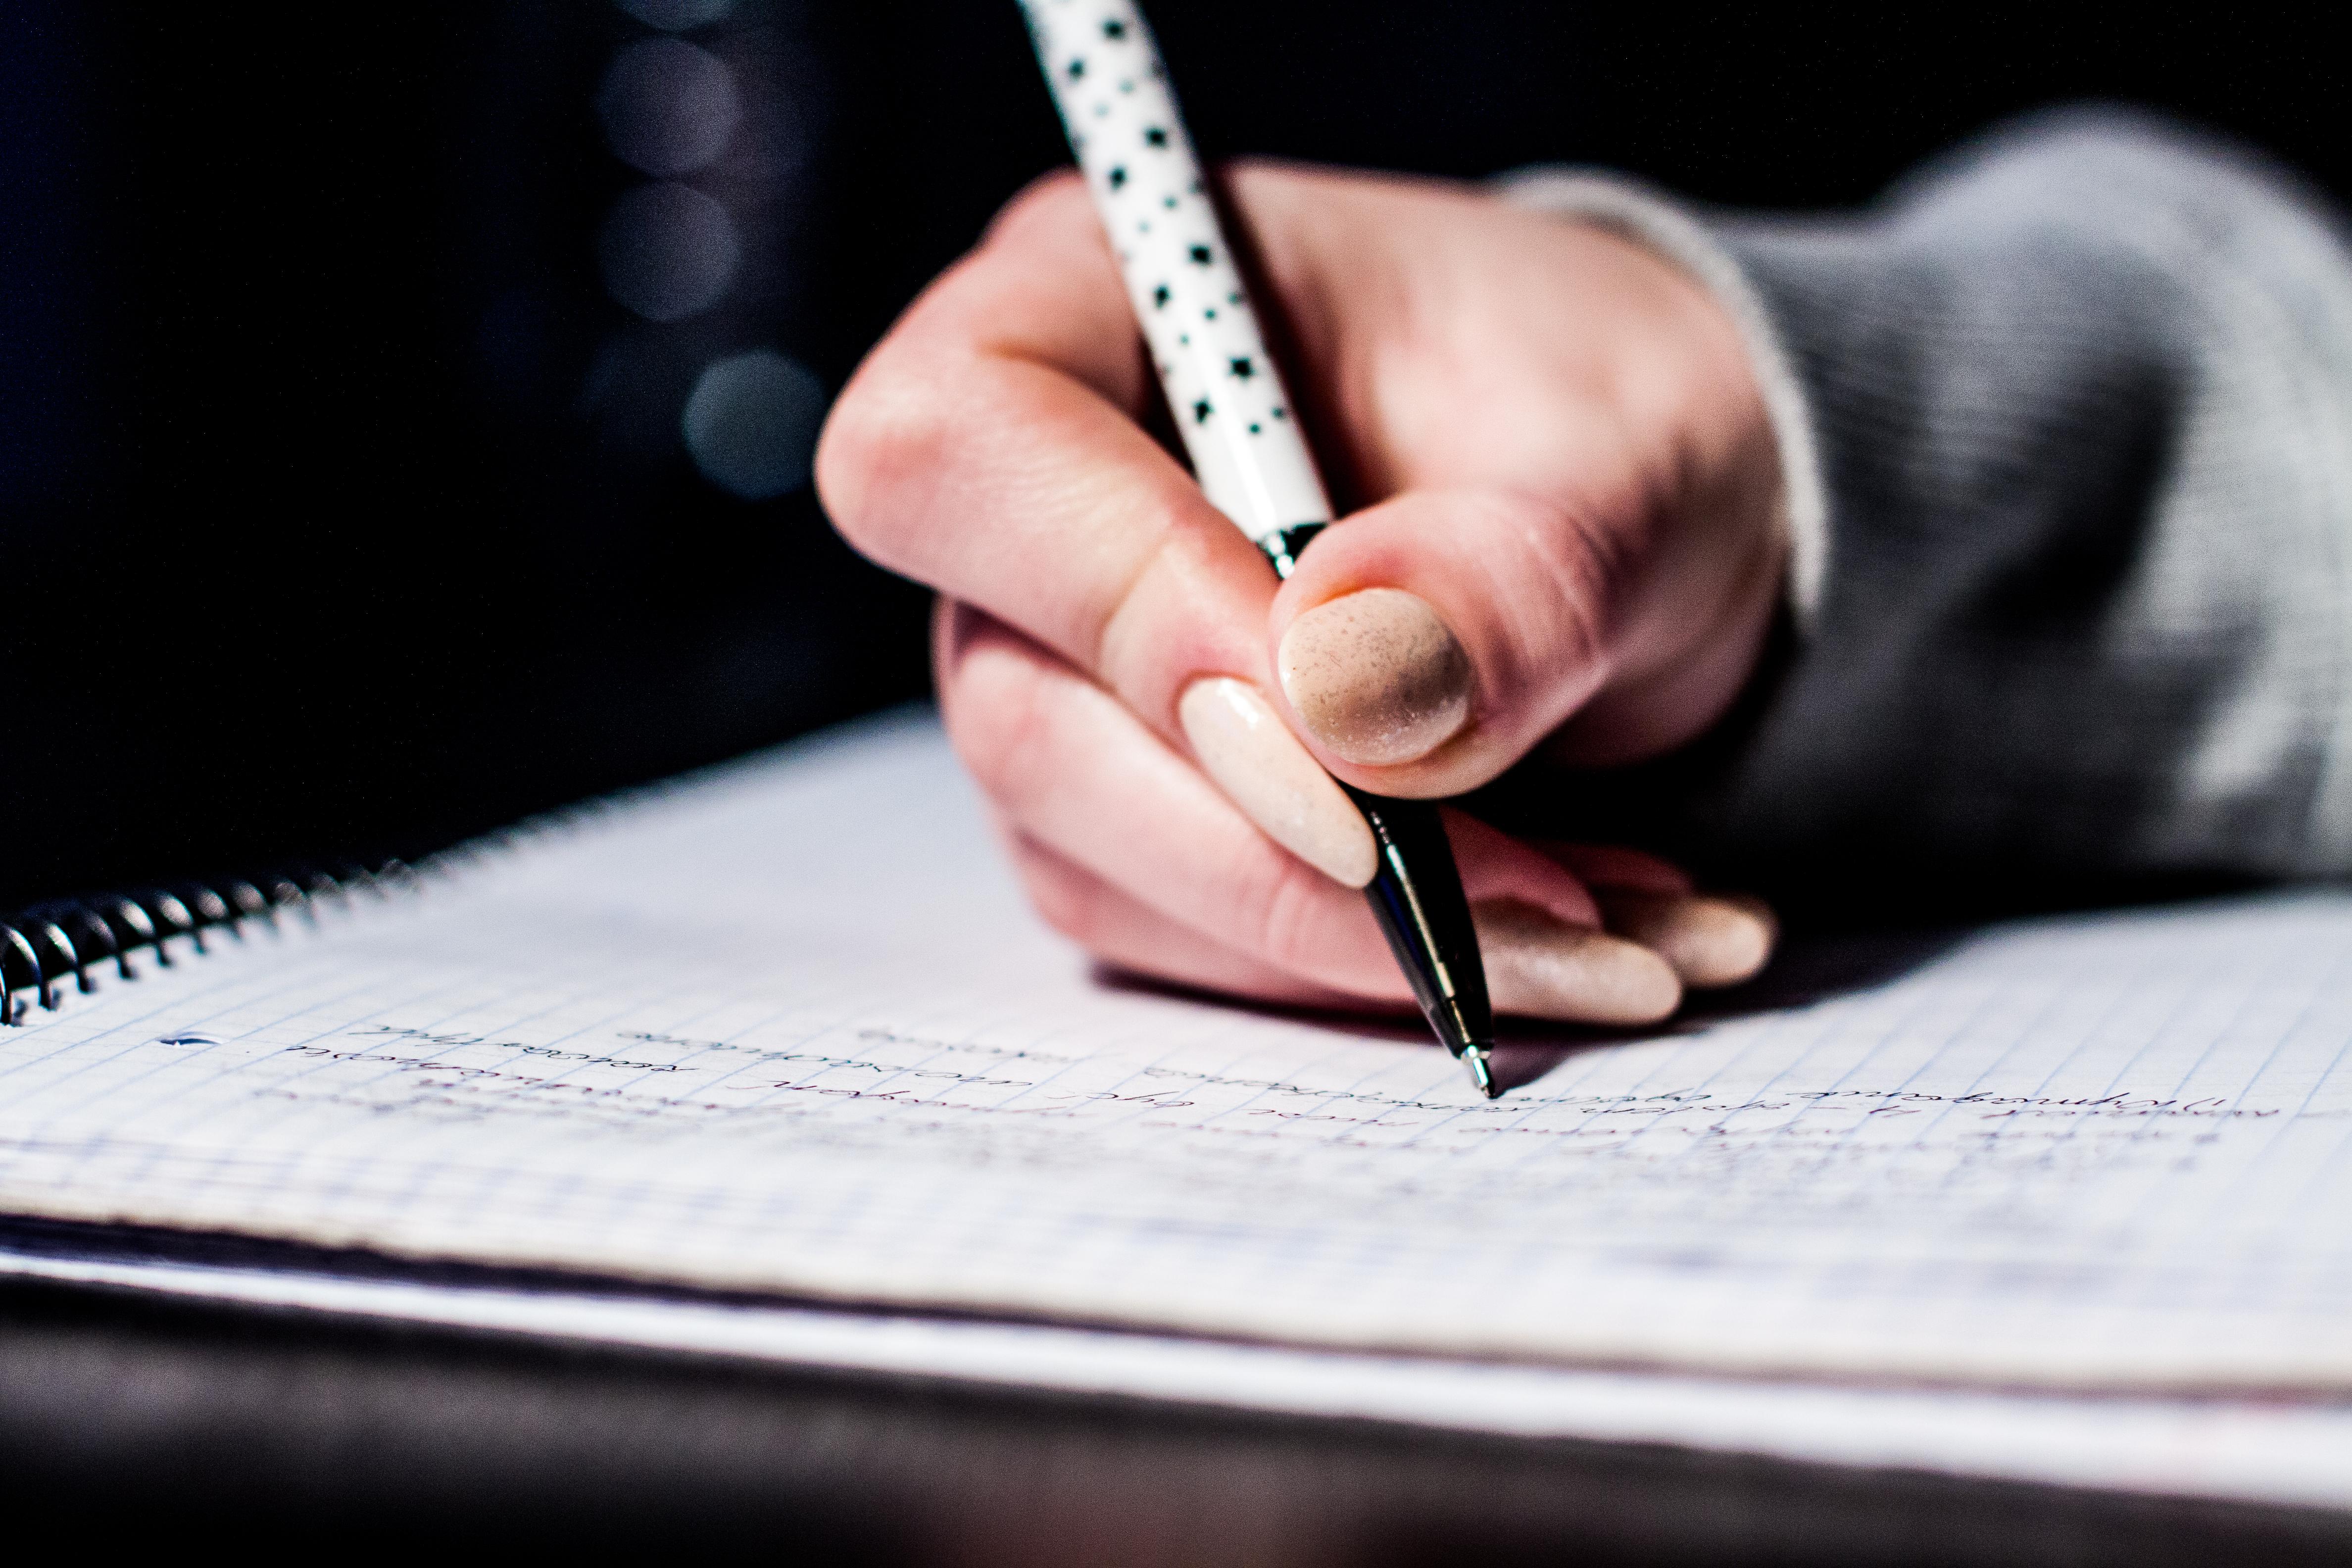 菲律賓密集英文課程